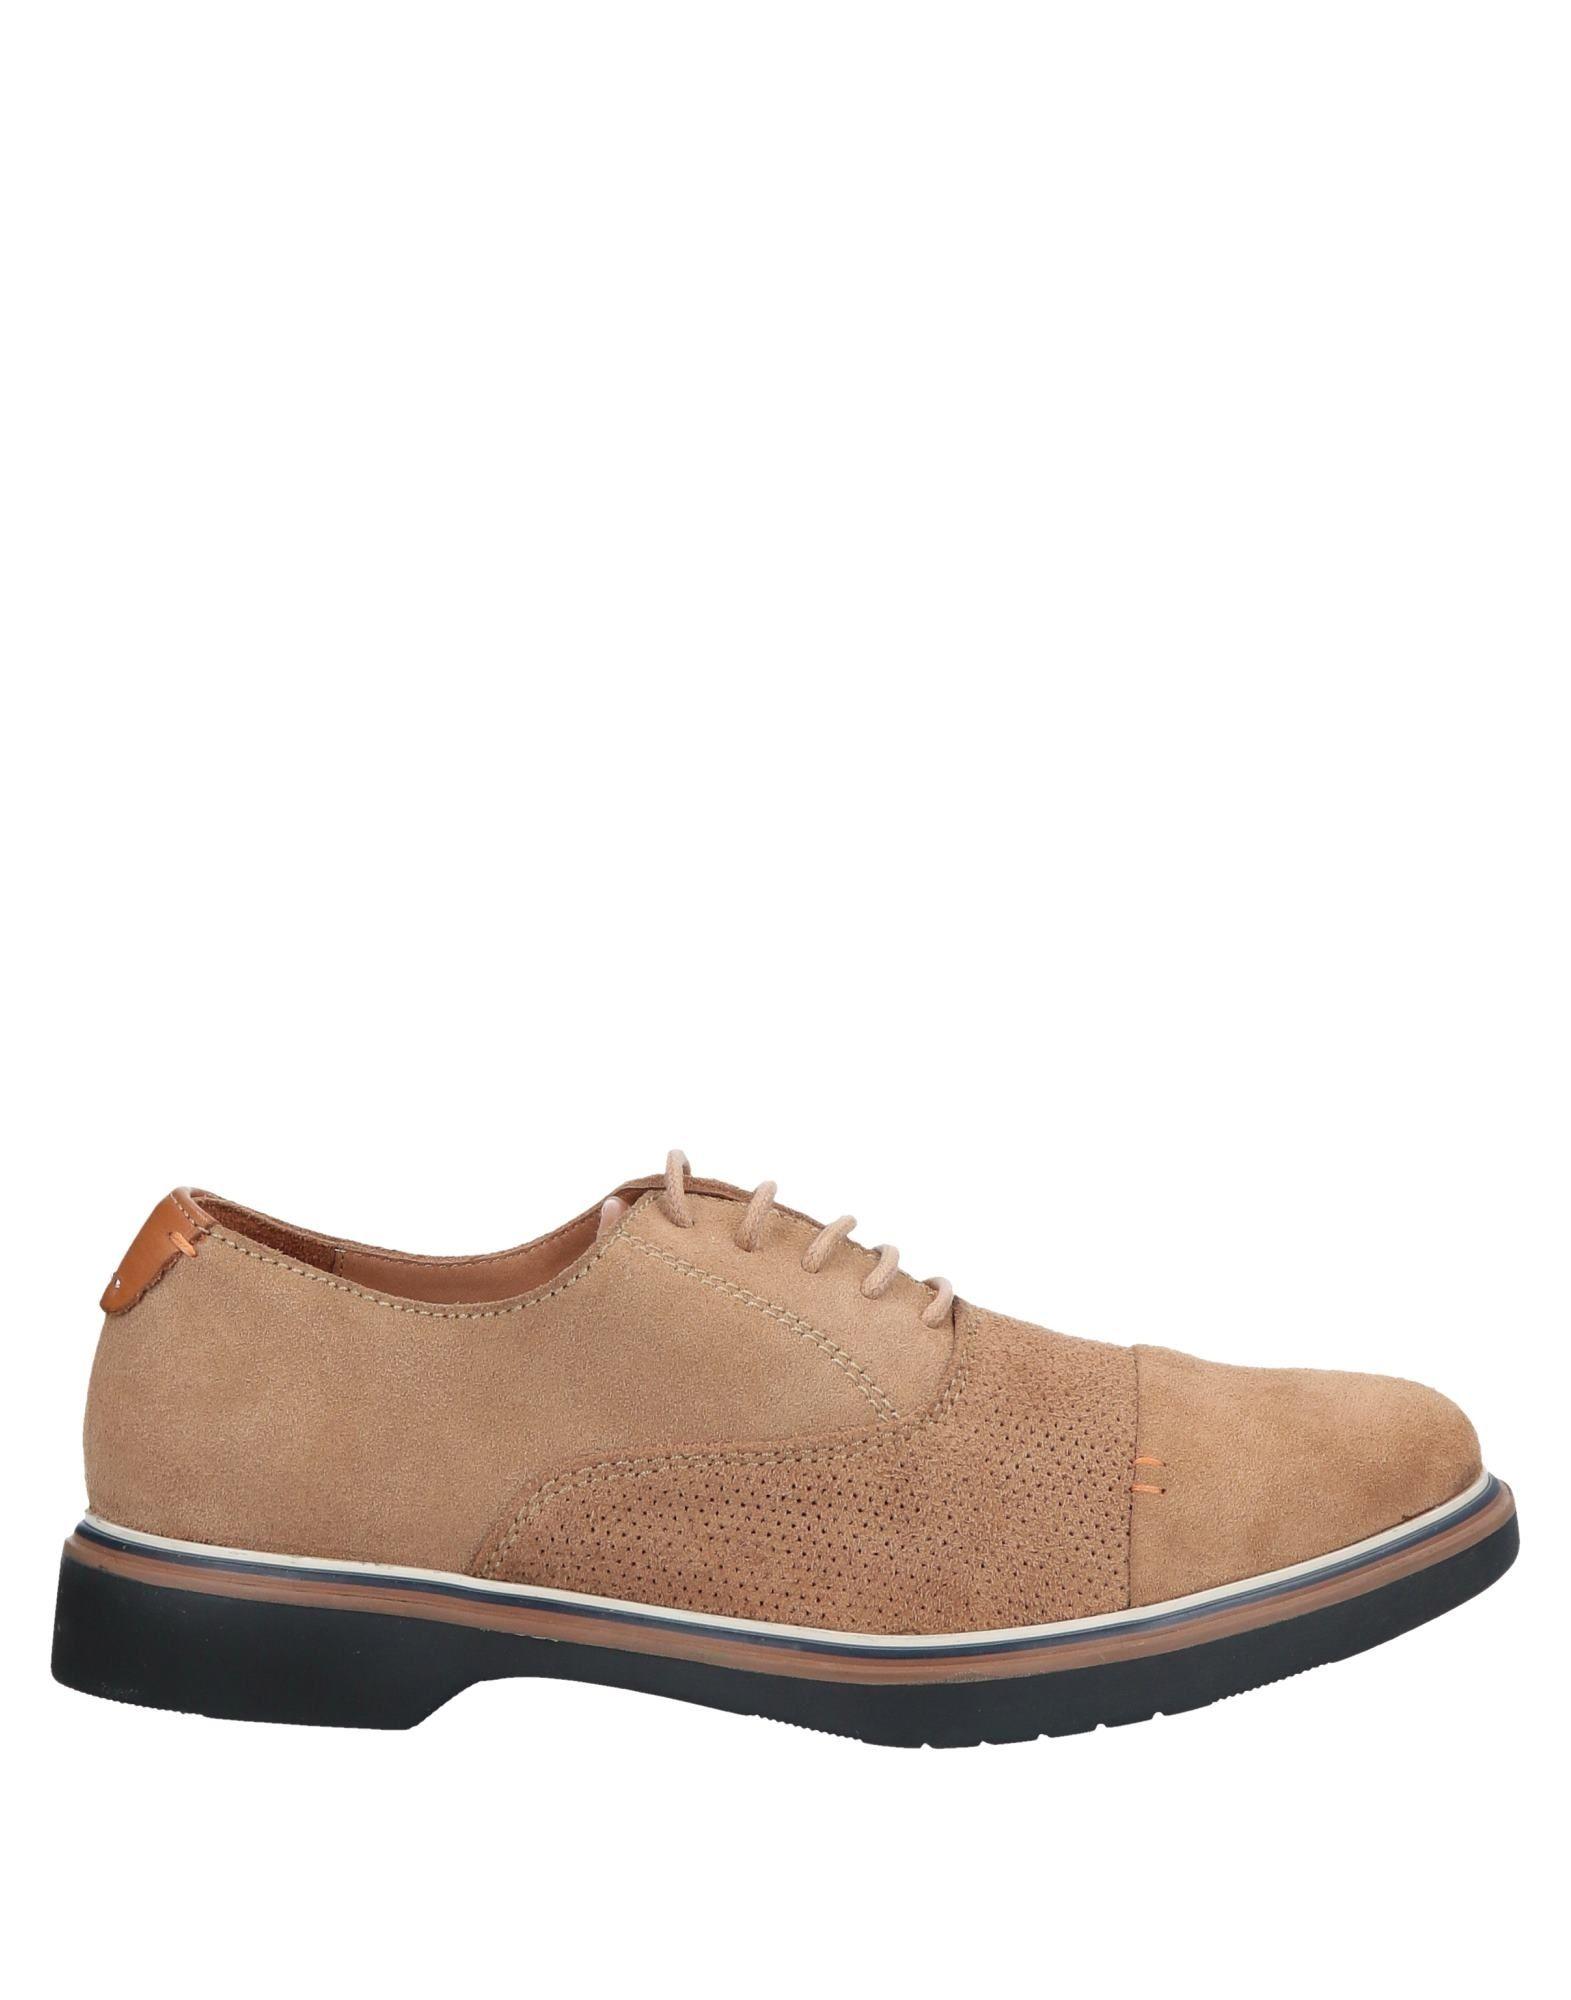 обувь с каучуковой подошвой картинки каждом